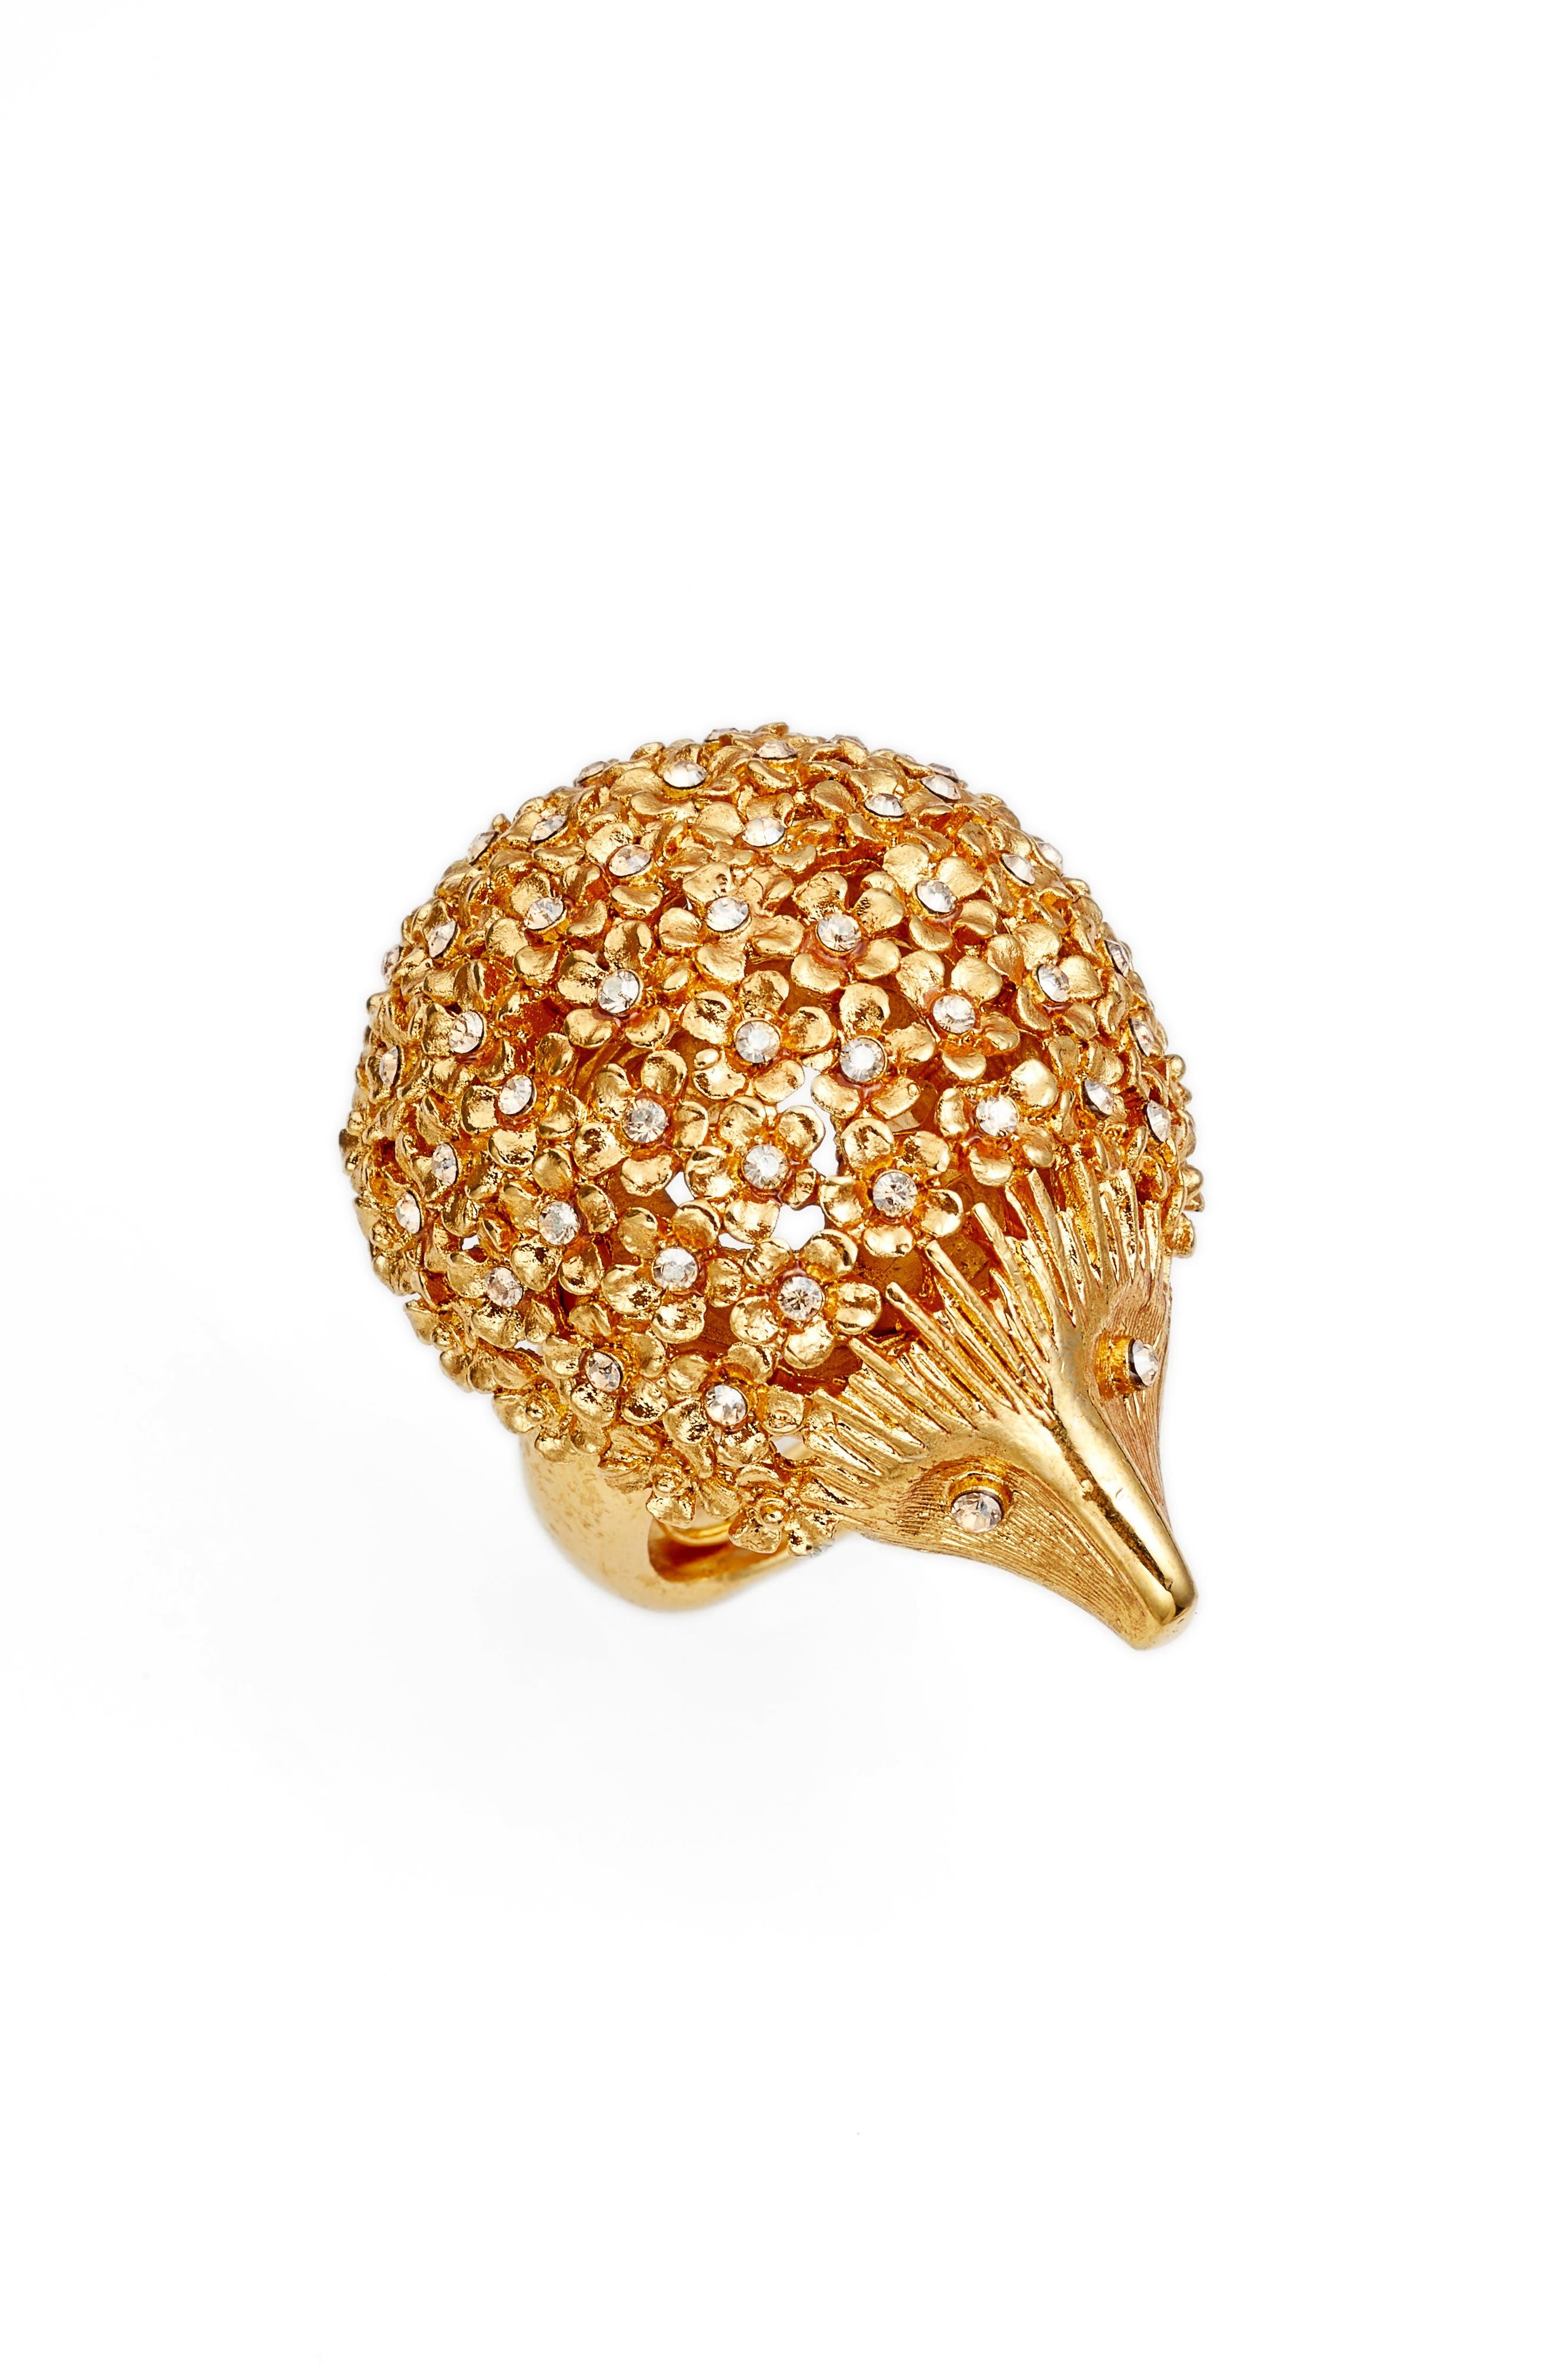 Crystal Hedgehog Ring,                             Main thumbnail 1, color,                             Crystal Gold Shadow